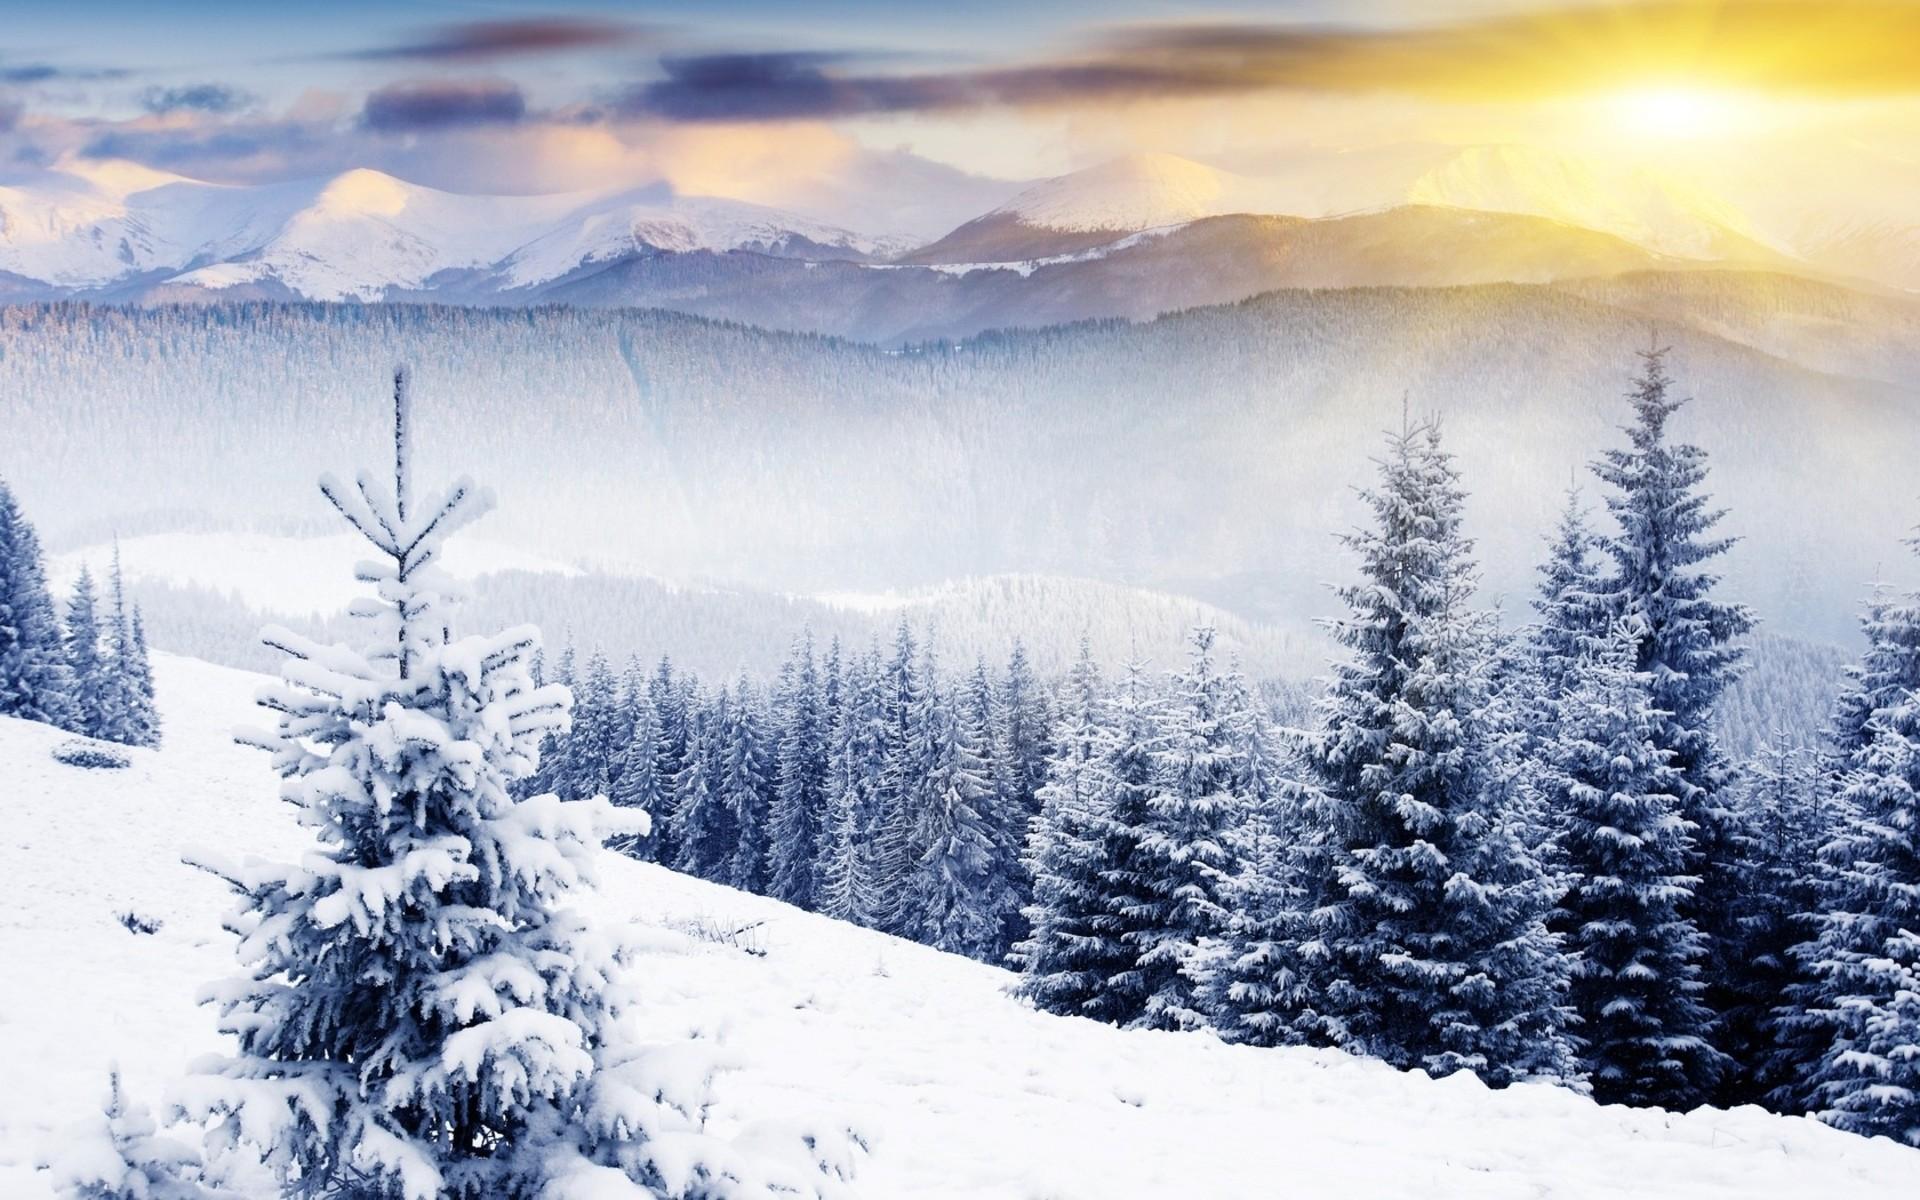 Winter Scene Desktop Background 51 Pictures